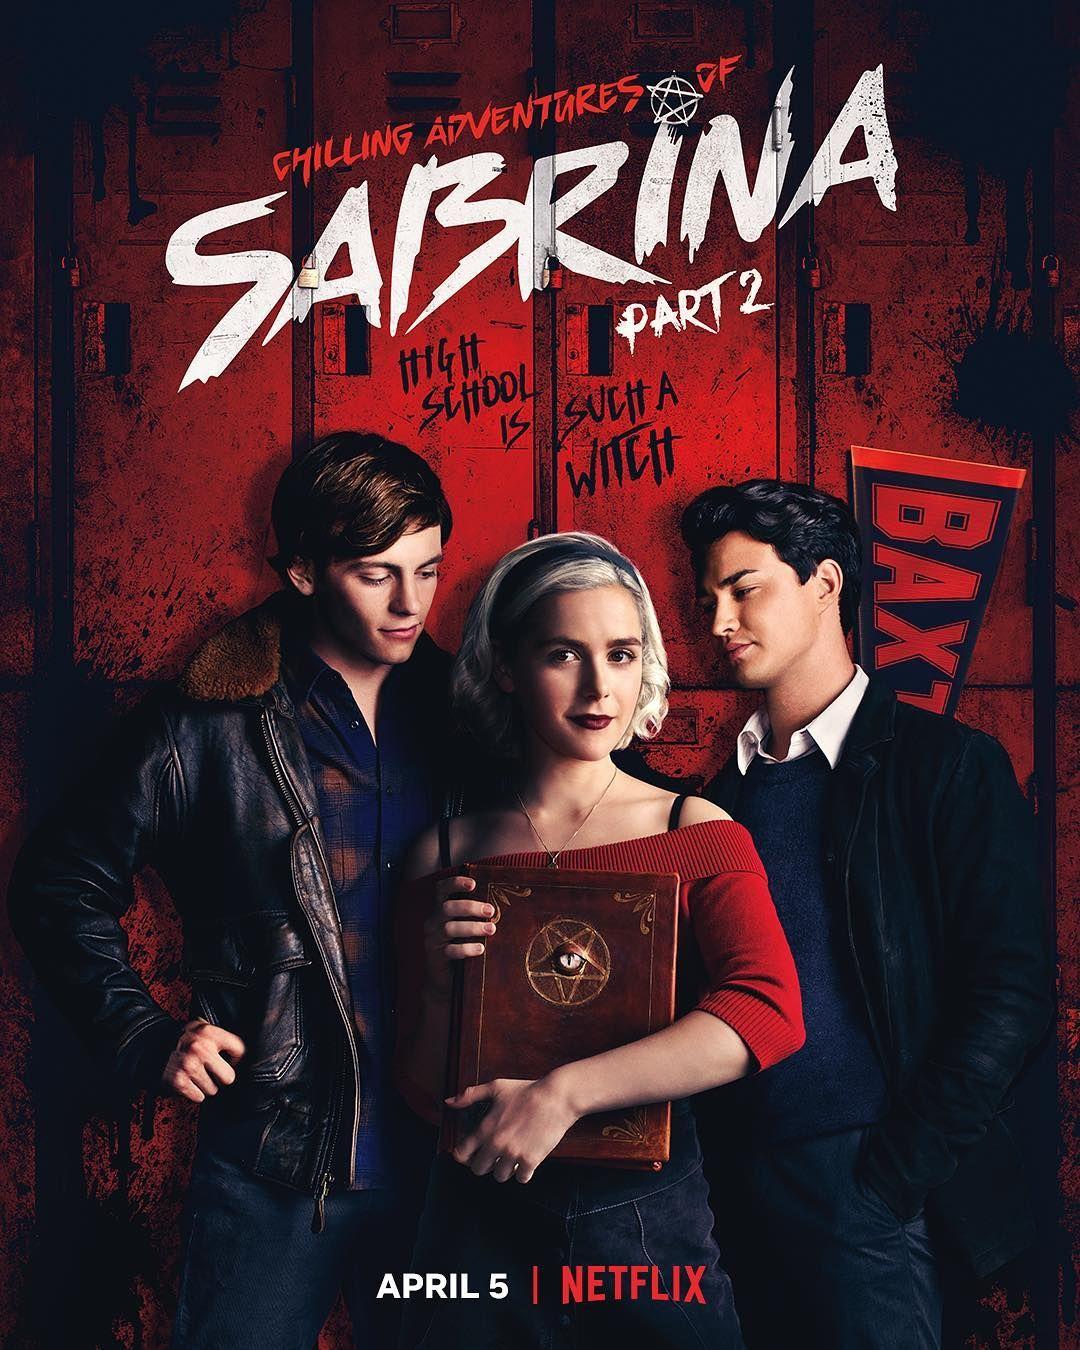 Chilling Adventures of Sabrina é uma série de televisão